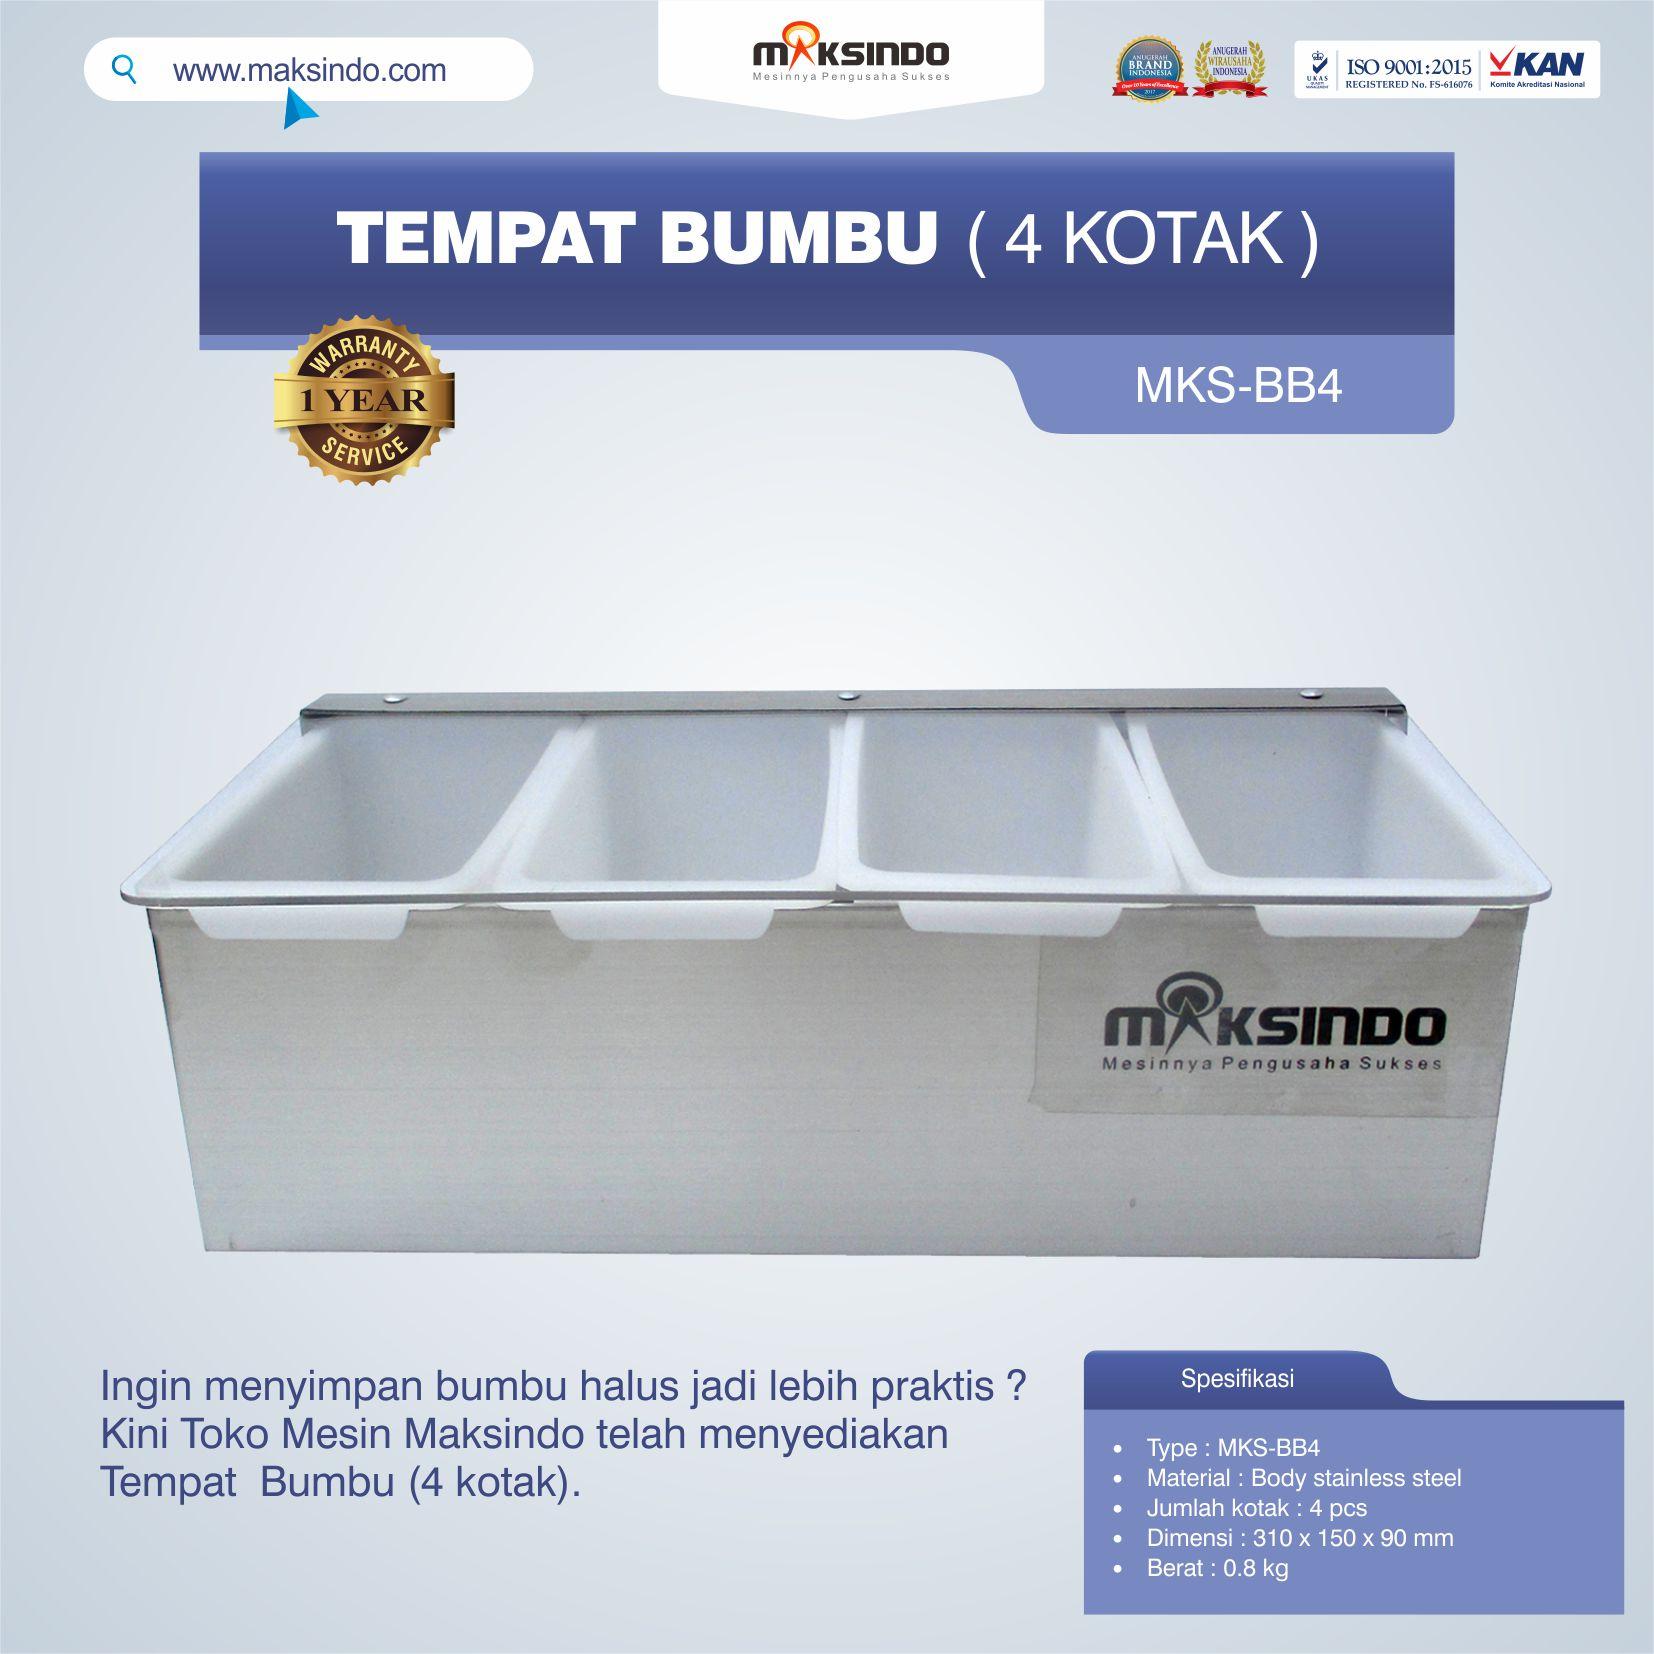 Jual Tempat Bumbu (4 kotak) di Palembang